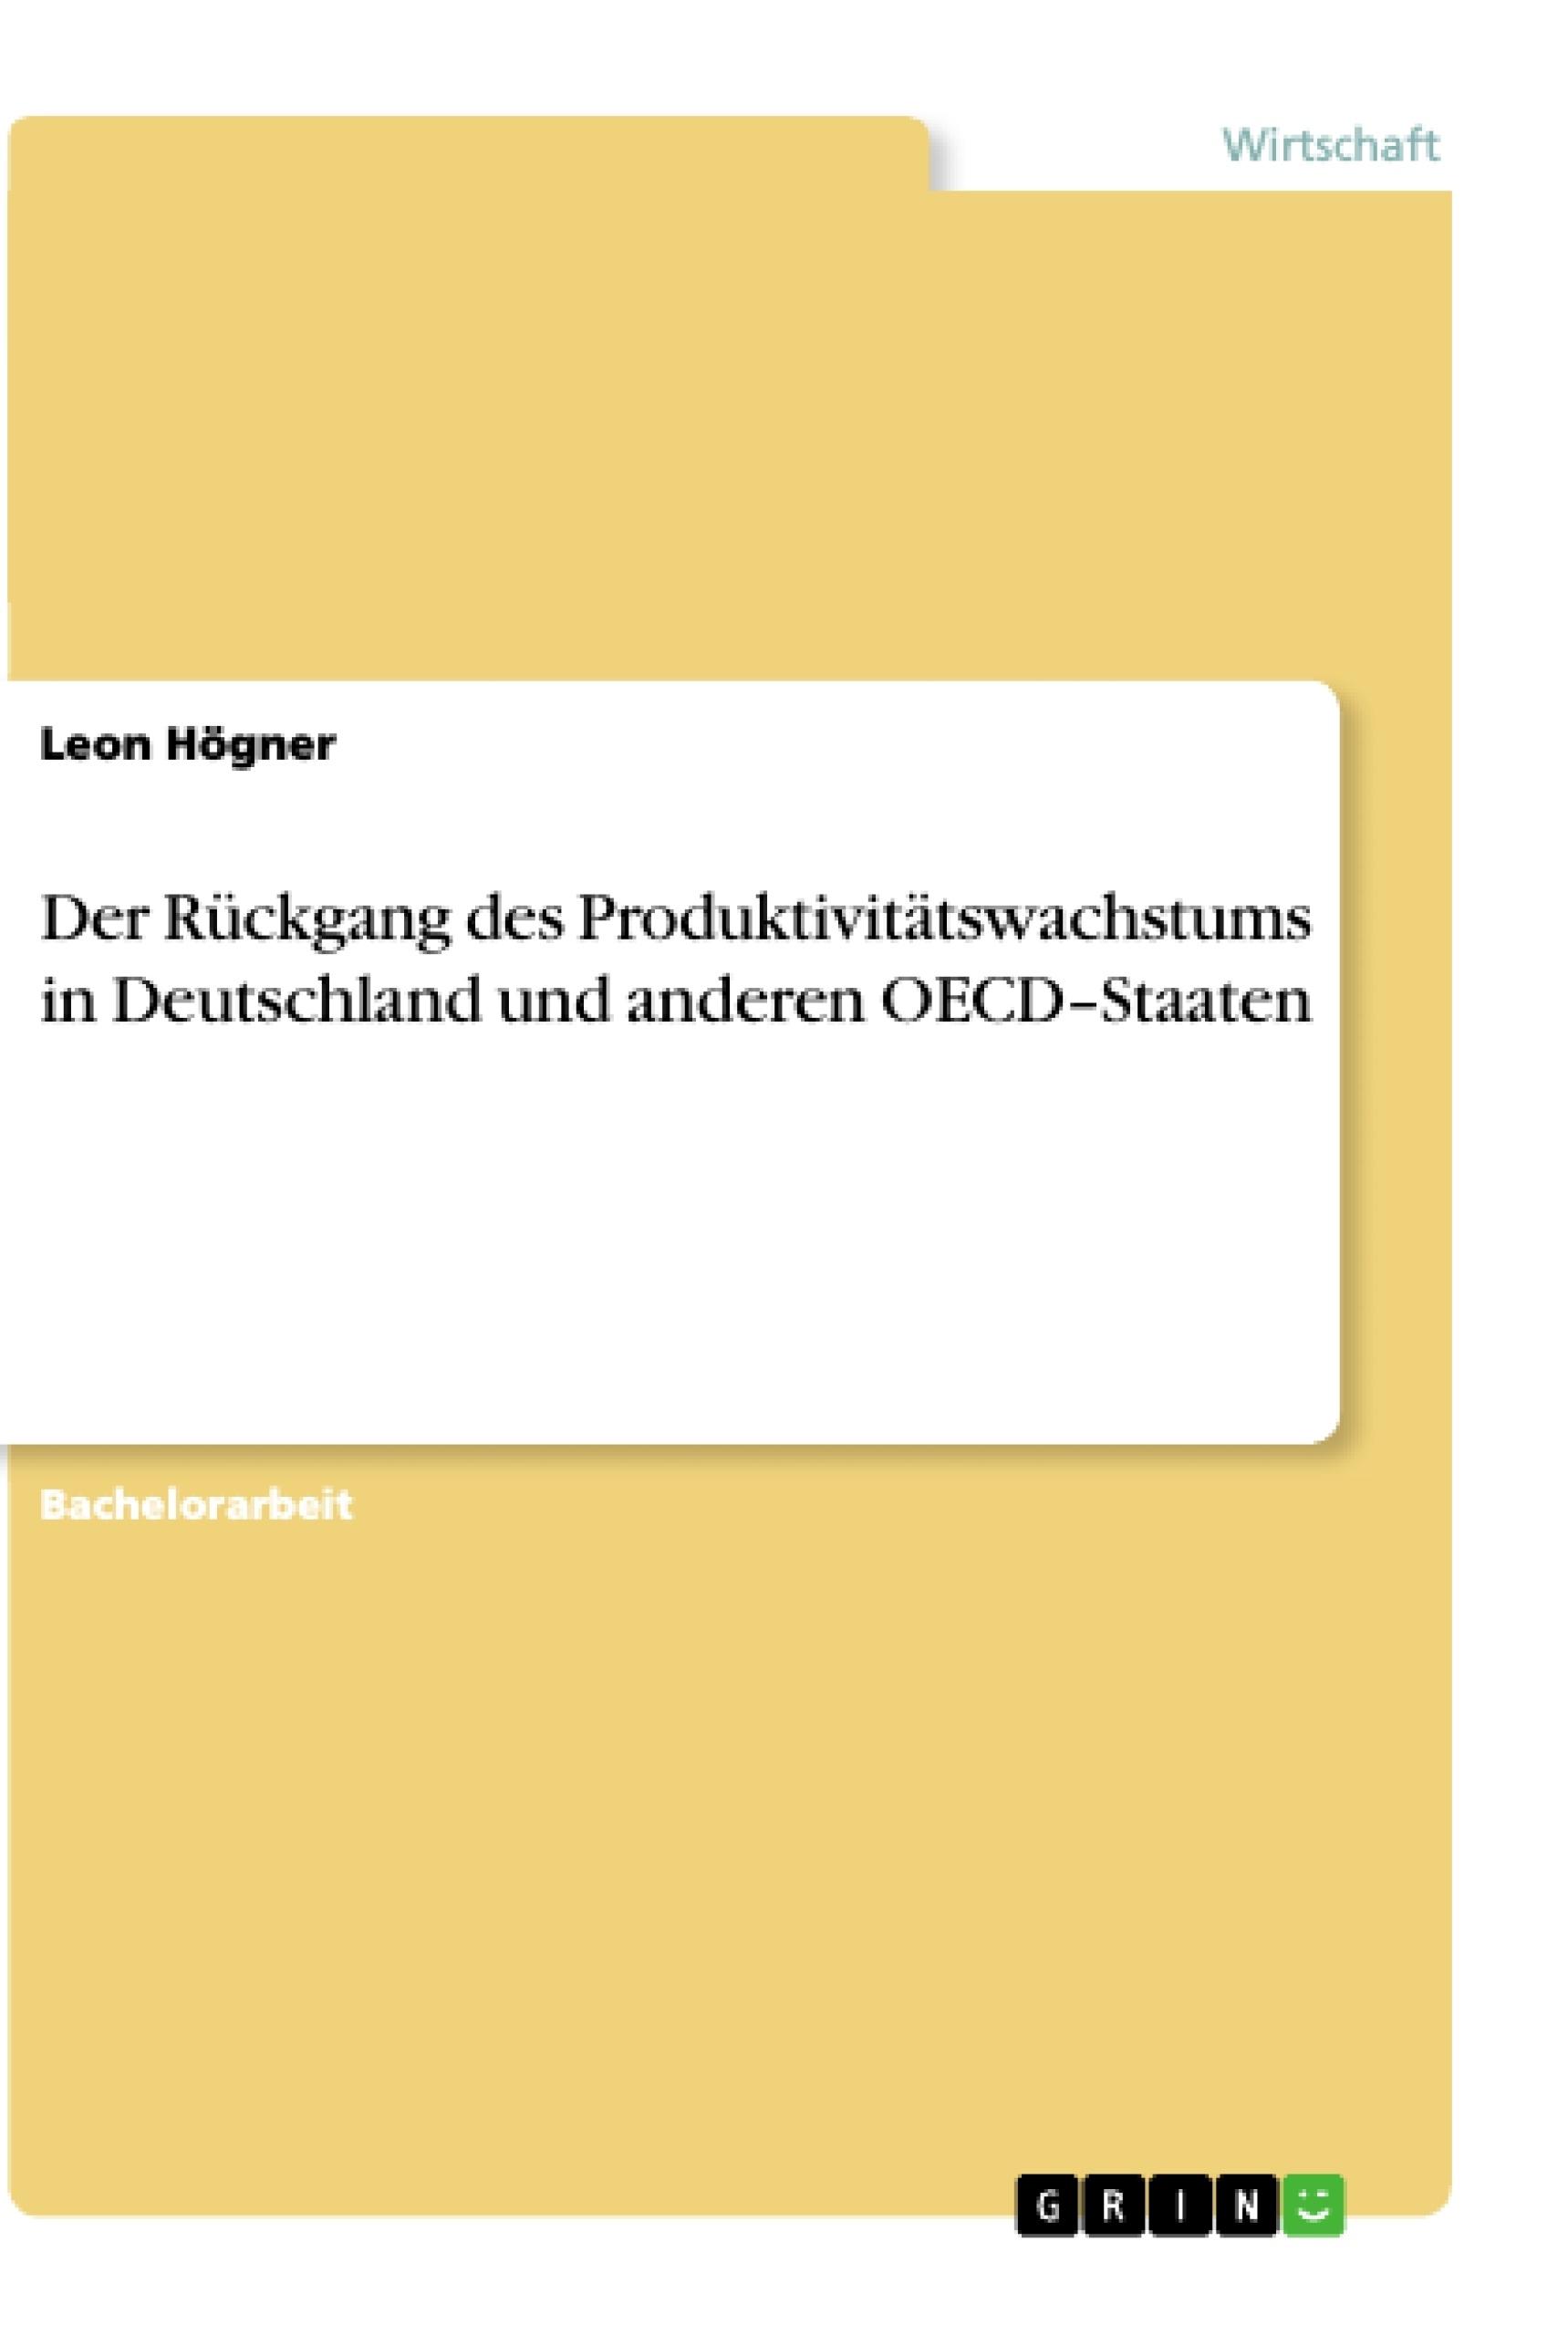 Titel: Der Rückgang des Produktivitätswachstums in Deutschland und anderen OECD–Staaten